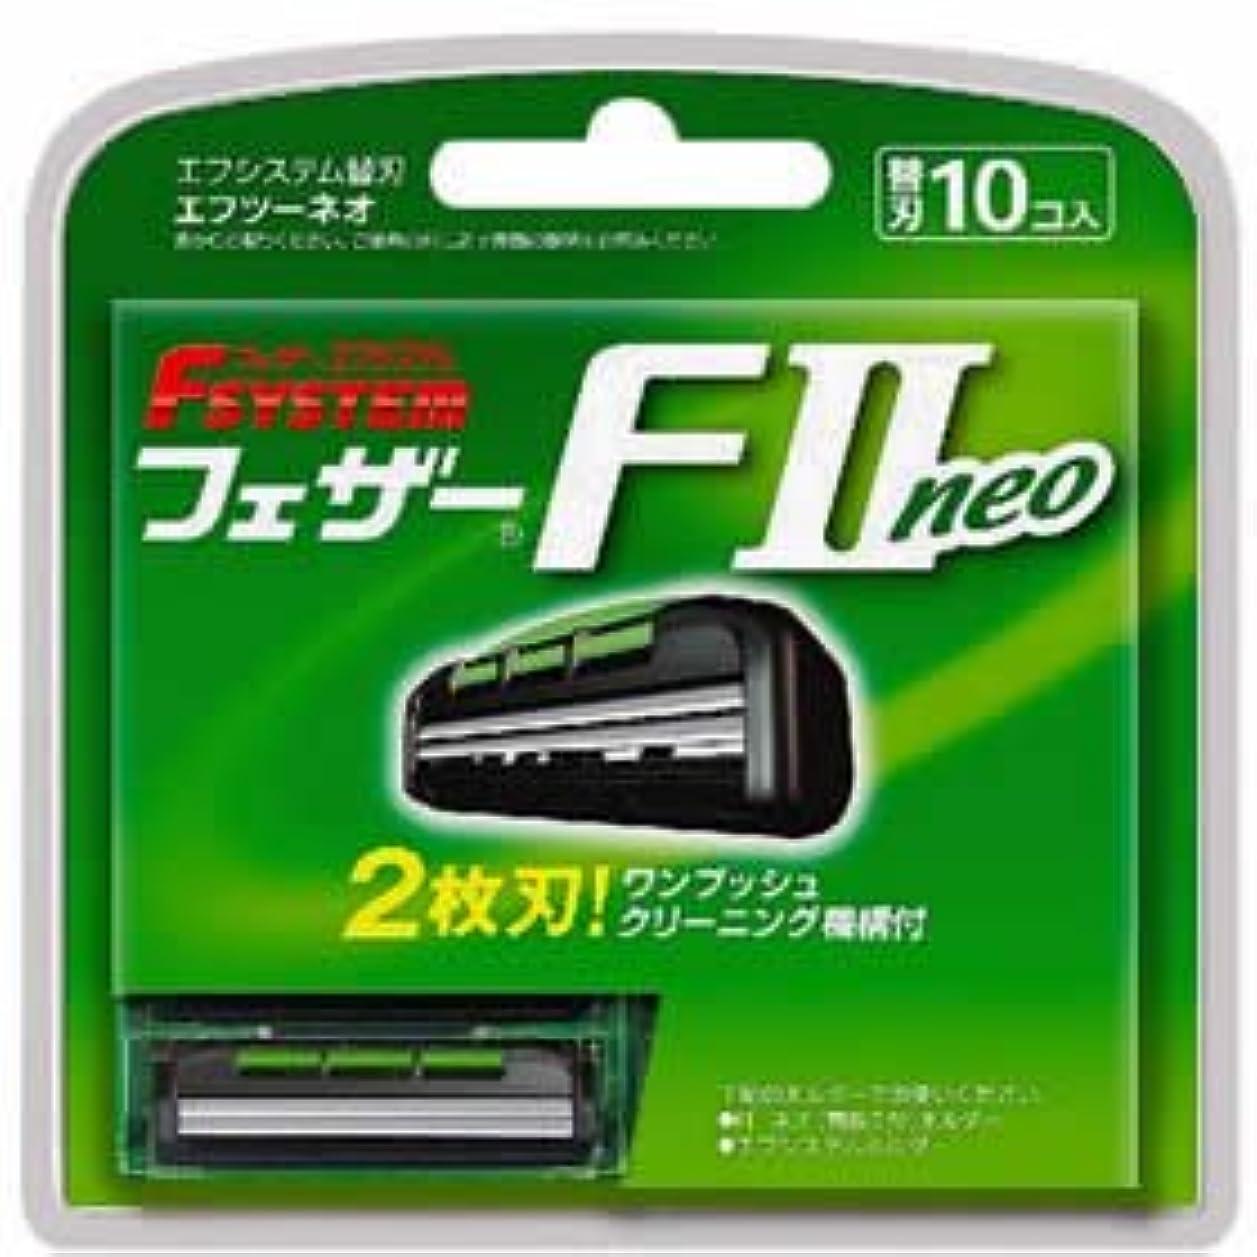 依存するコンテストシャーロットブロンテフェザー エフシステム F2ネオ 替刃 10個